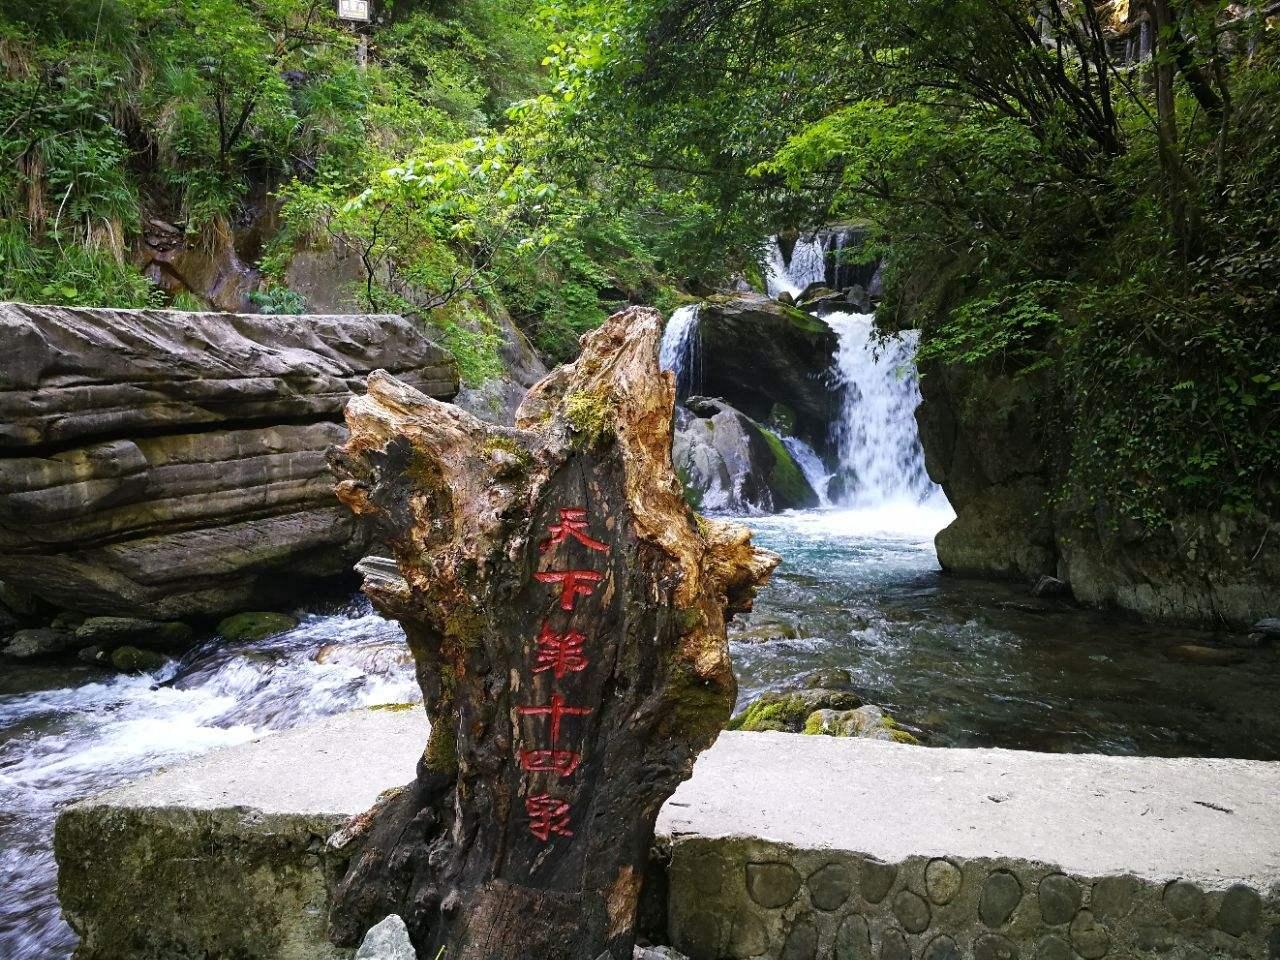 神农架旅游景点,神农架旅游景点推荐,必玩神农架旅游景点